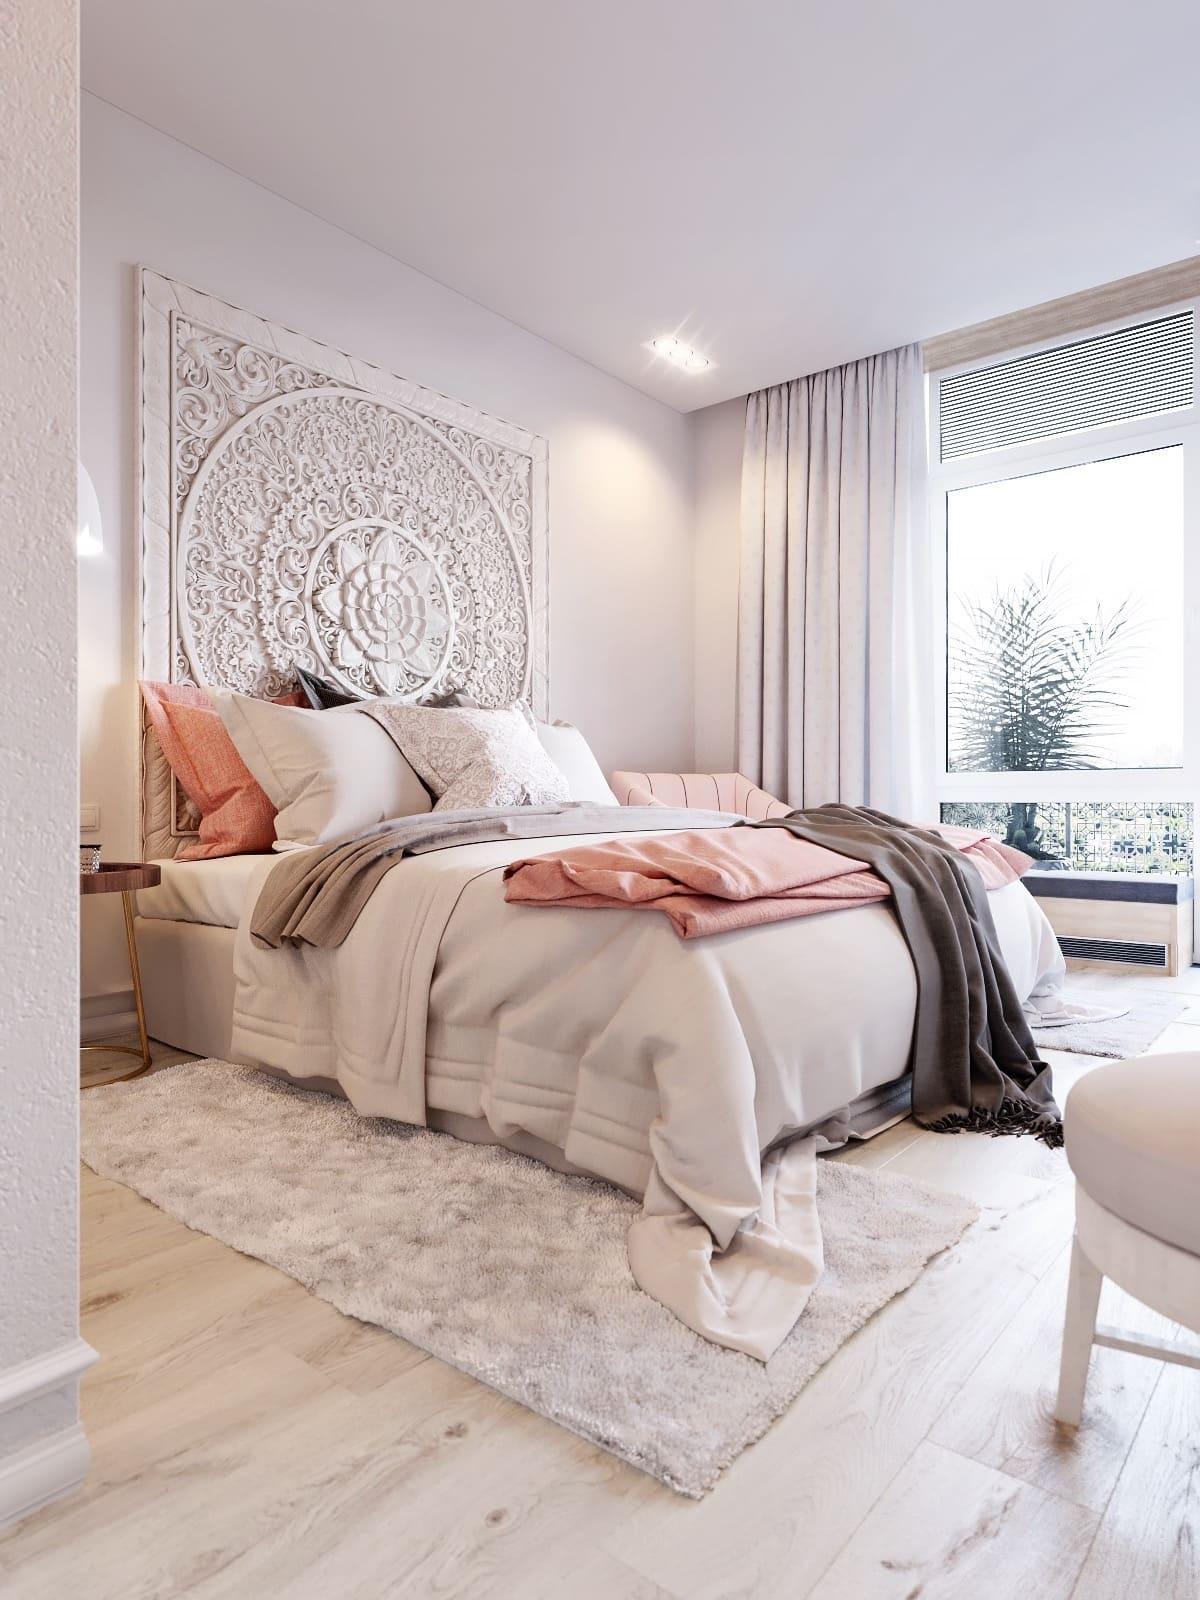 Dormir ou se détendre dans une telle chambre est un grand plaisir.